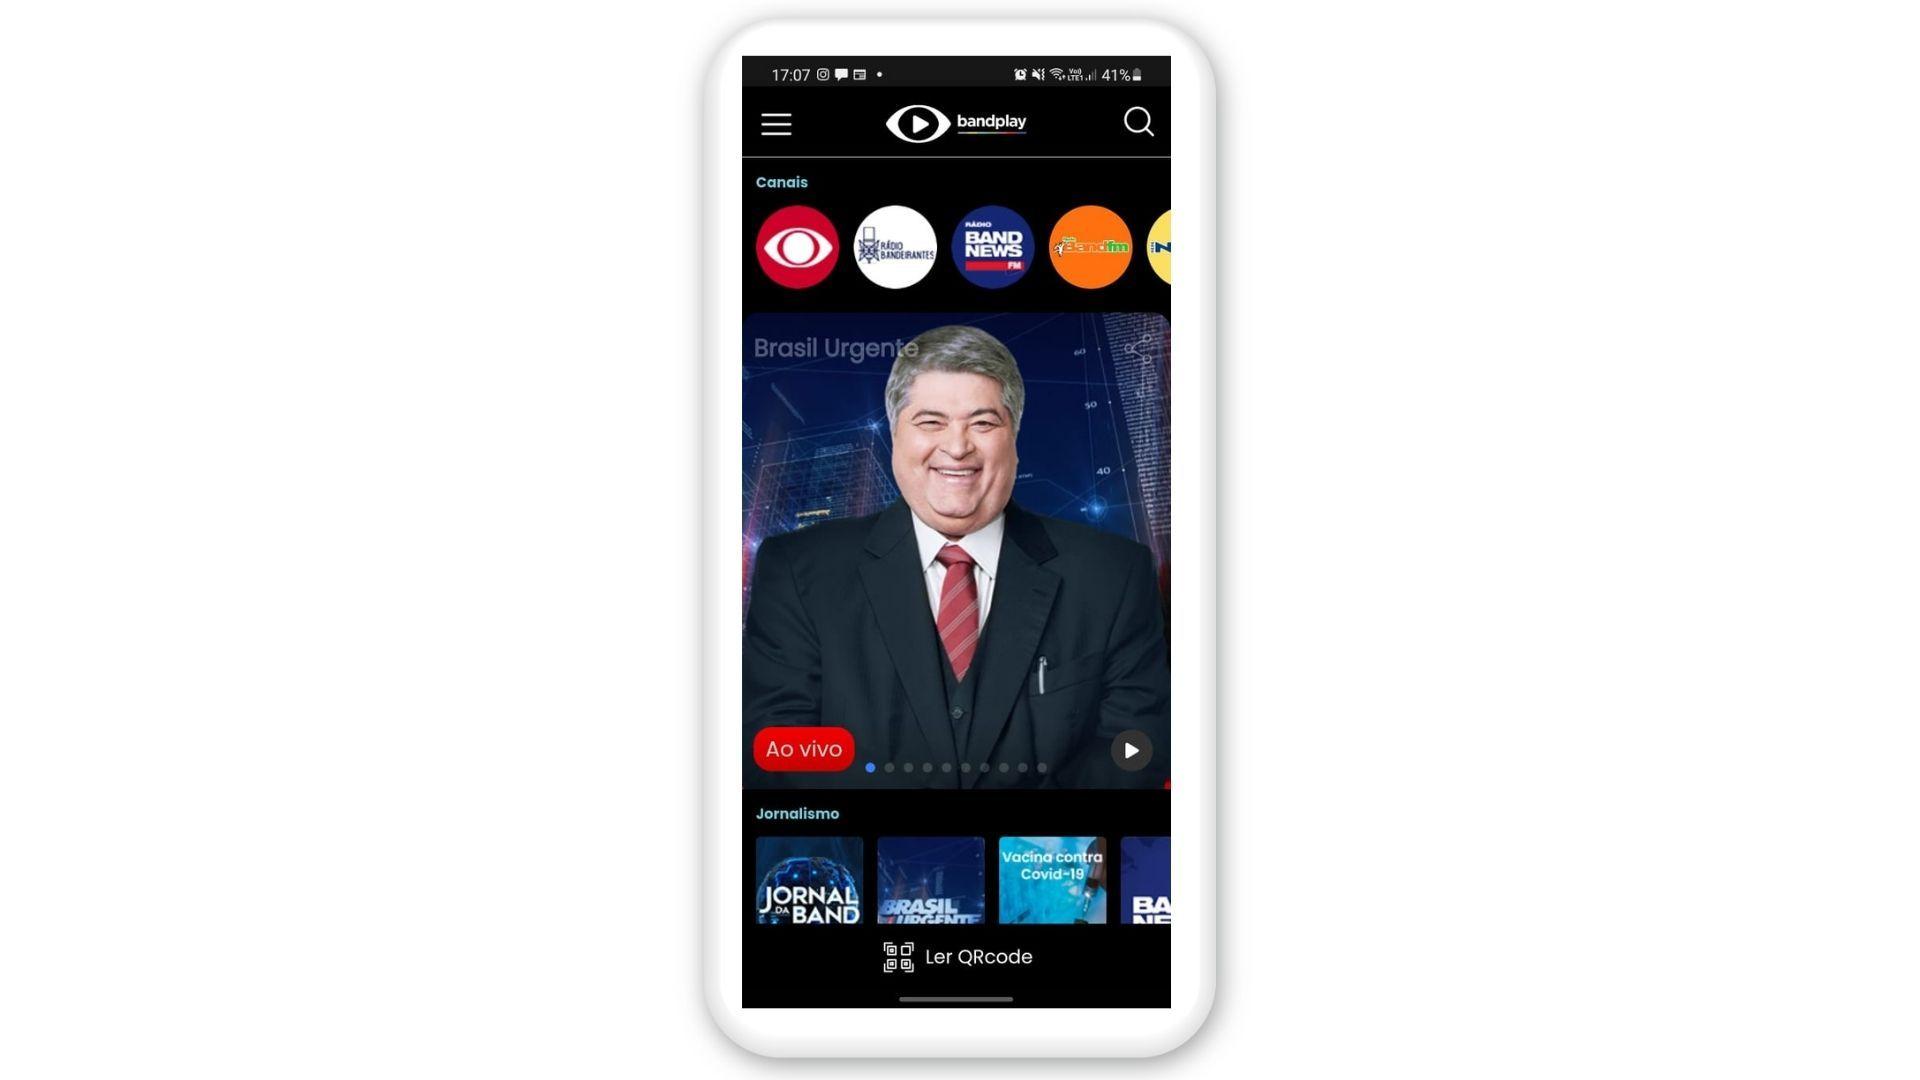 Print de tela do Bandplay, um aplicativo para assistir TV no celular